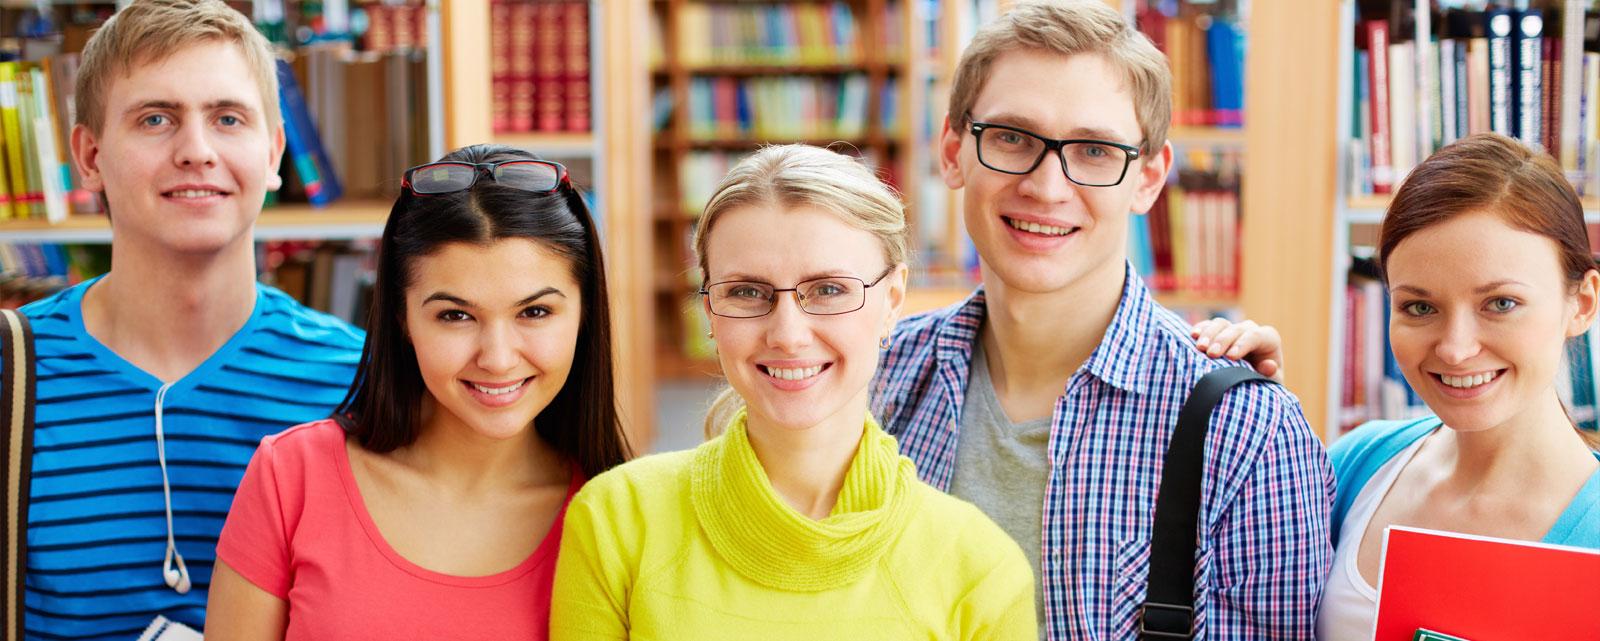 Сотрудничество с преподавателями в рамках проекта Étude Online Courses and E-learning